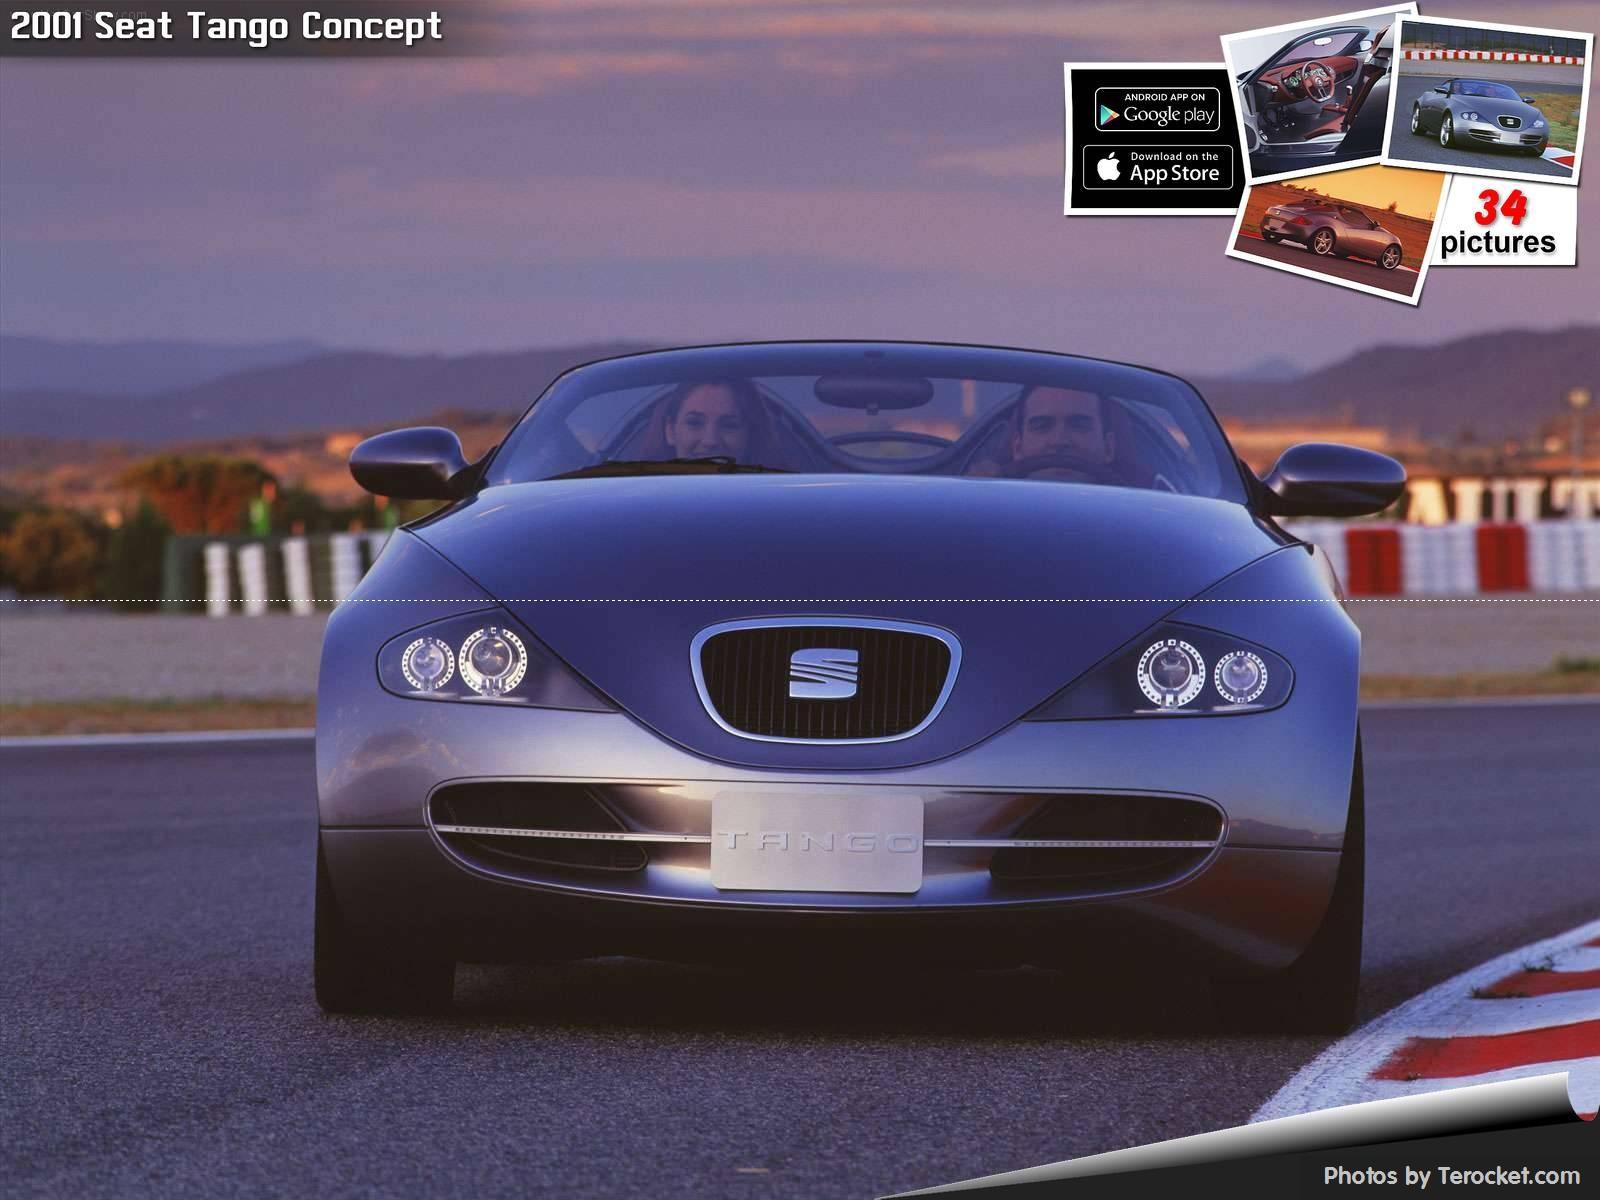 Hình ảnh xe ô tô Seat Tango Concept 2001 & nội ngoại thất